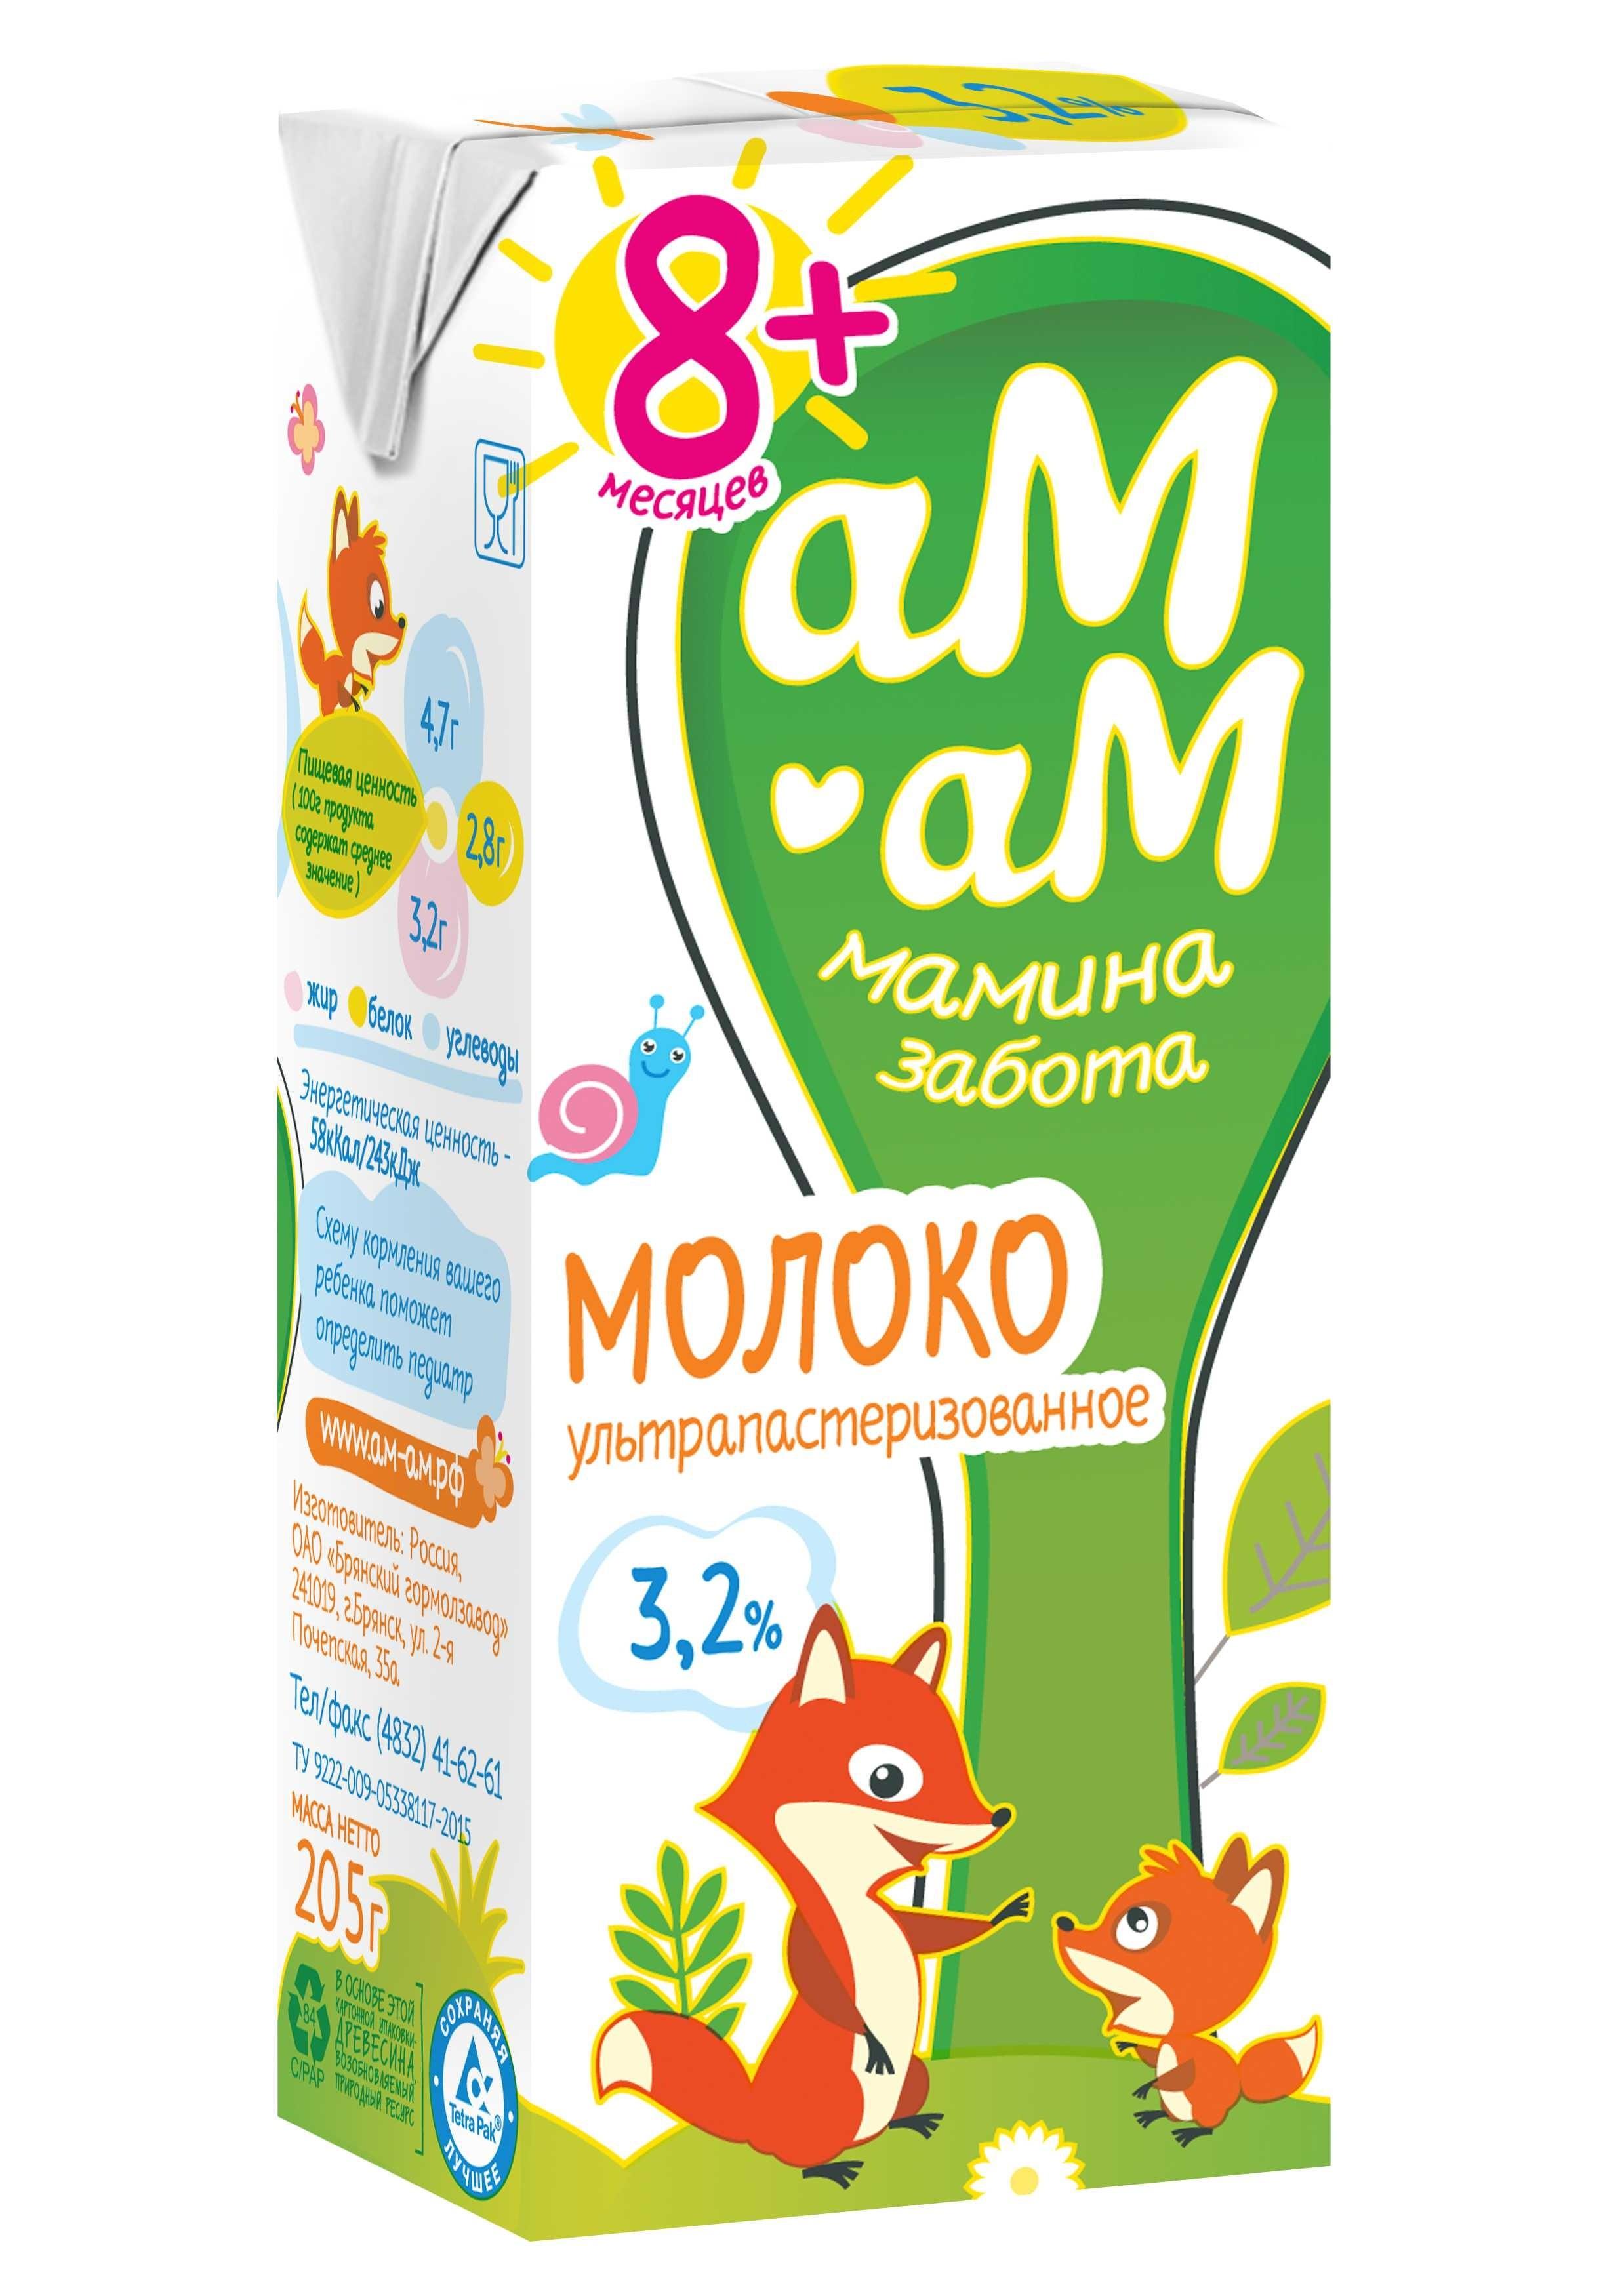 Молочная продукция Ам-Ам ультрапастеризованное 3,2% с 8 мес. 205 г молоко ультрапастеризованное 3 2% м лианозовское 950 г